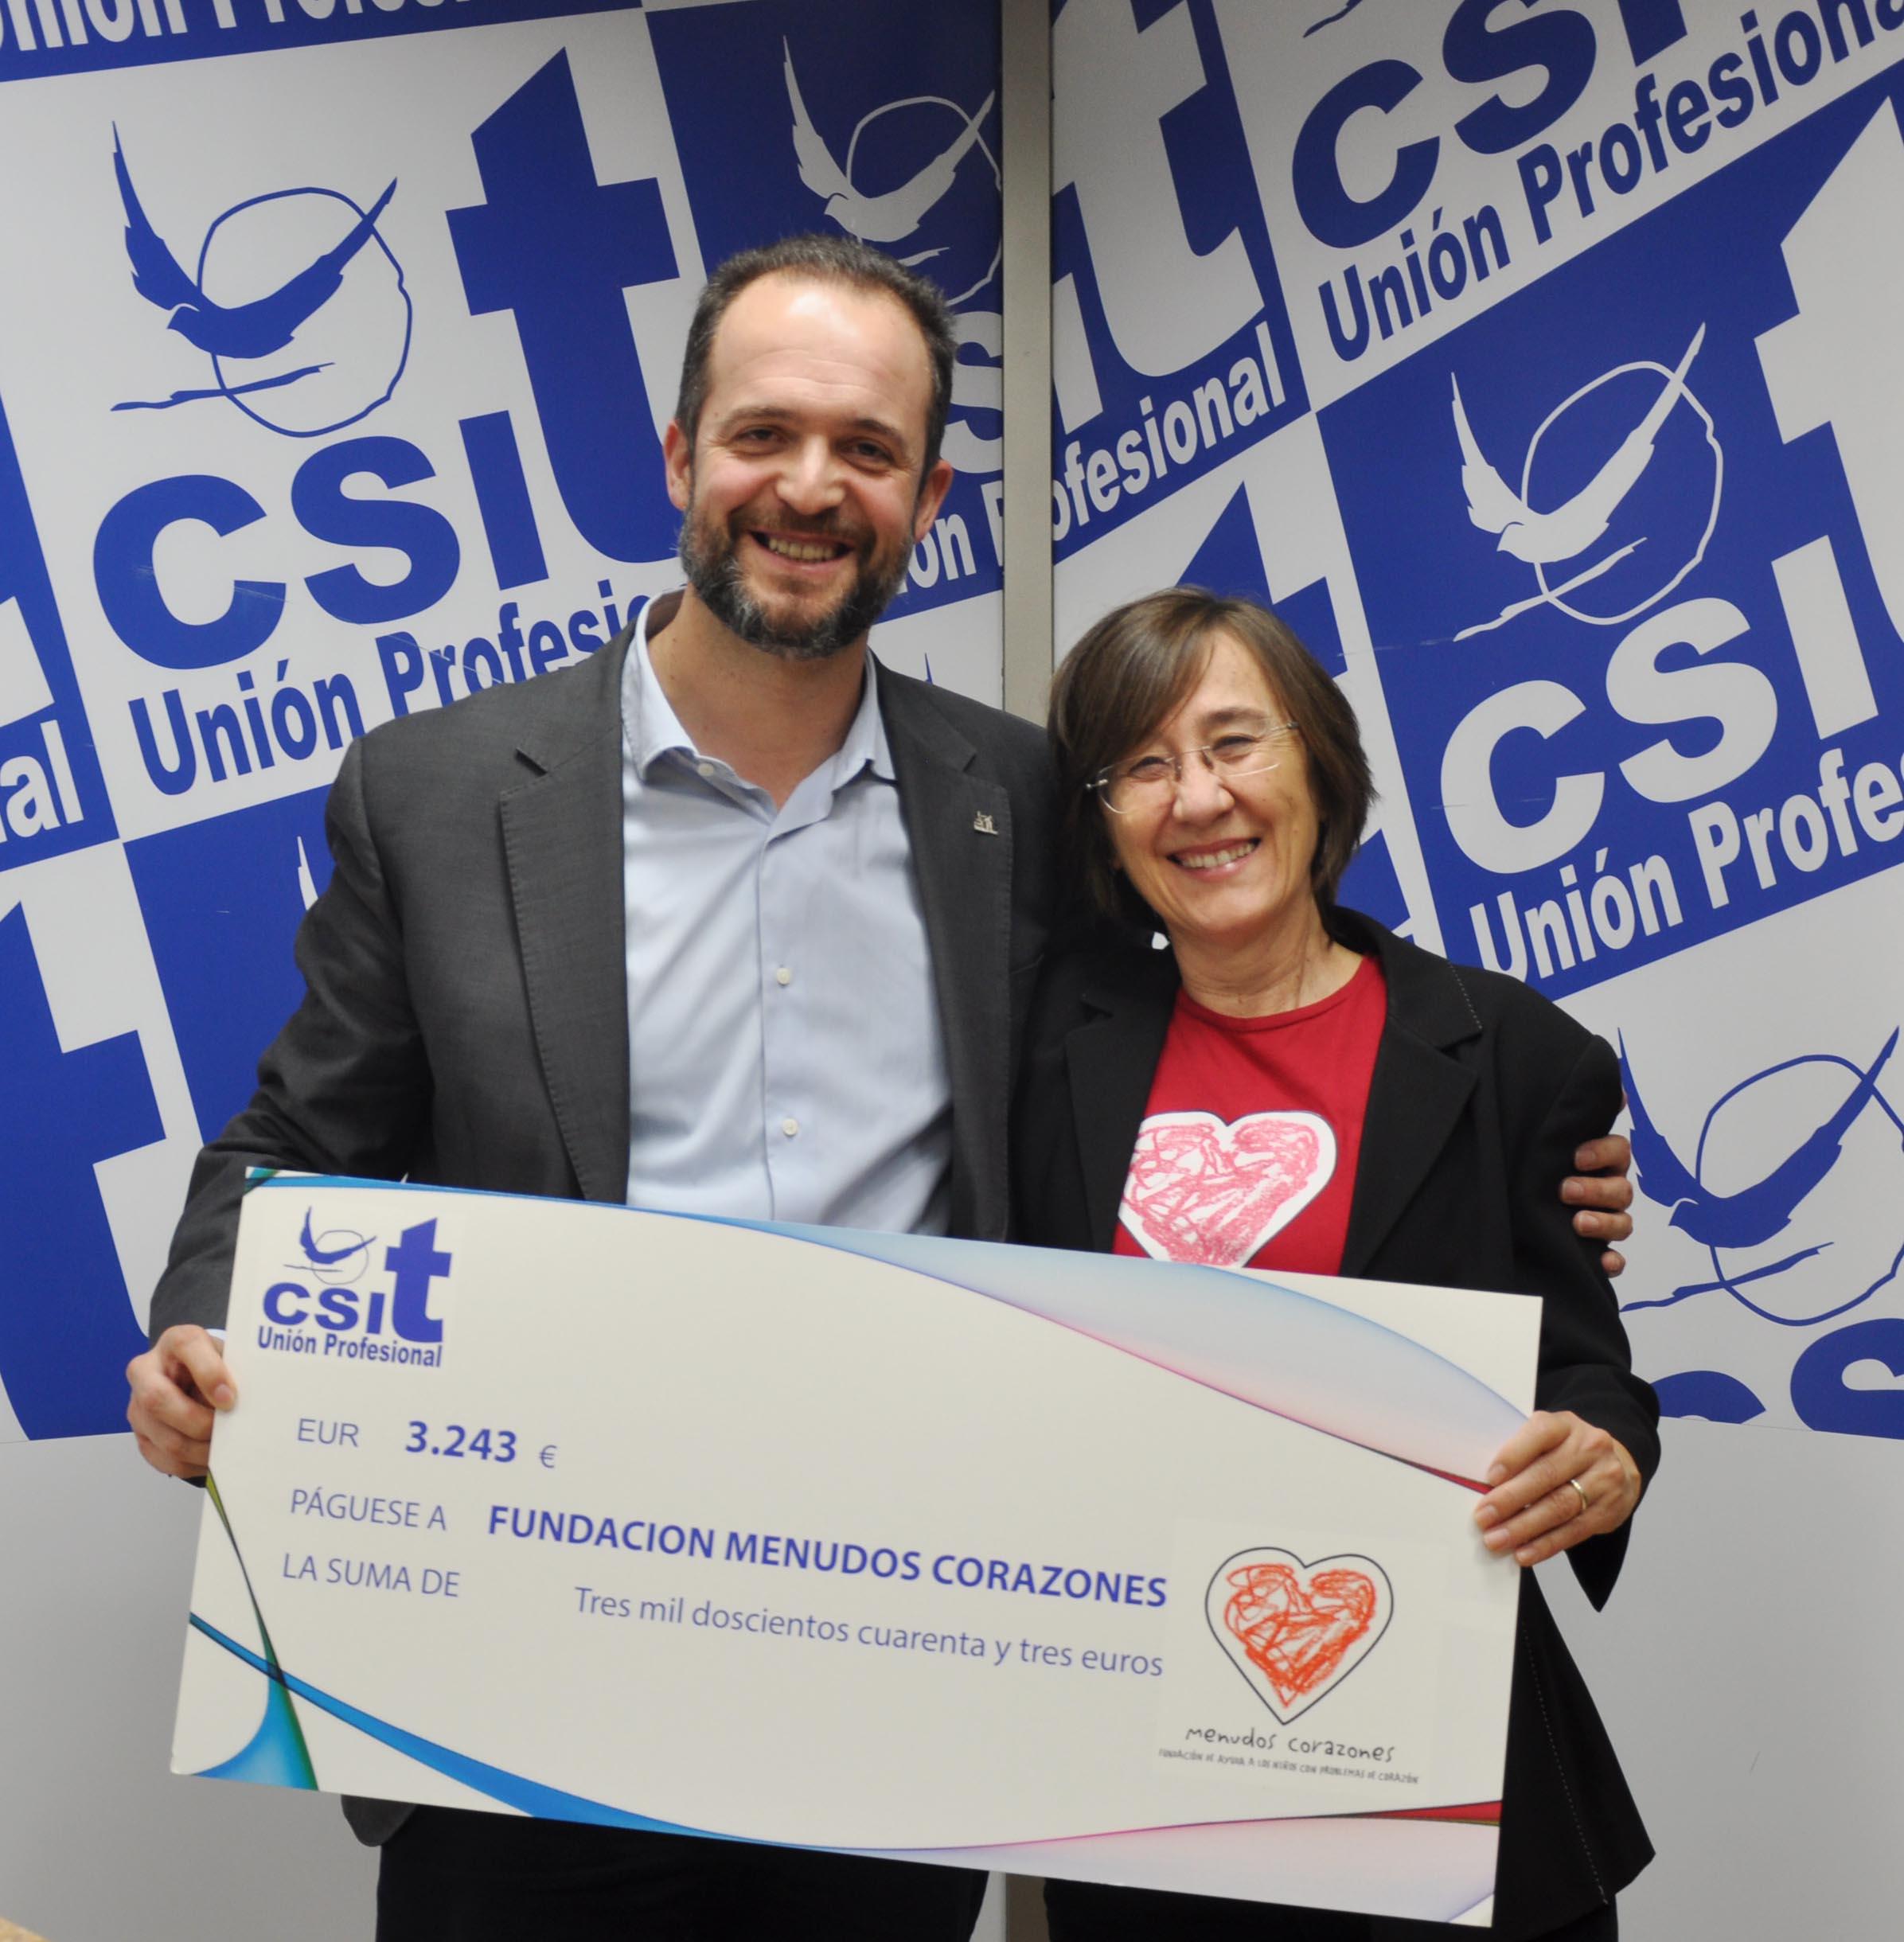 CSIT UNIÓN PROFESIONAL hace entrega a la Fundación Menudos Corazones de un cheque de 3.243€.